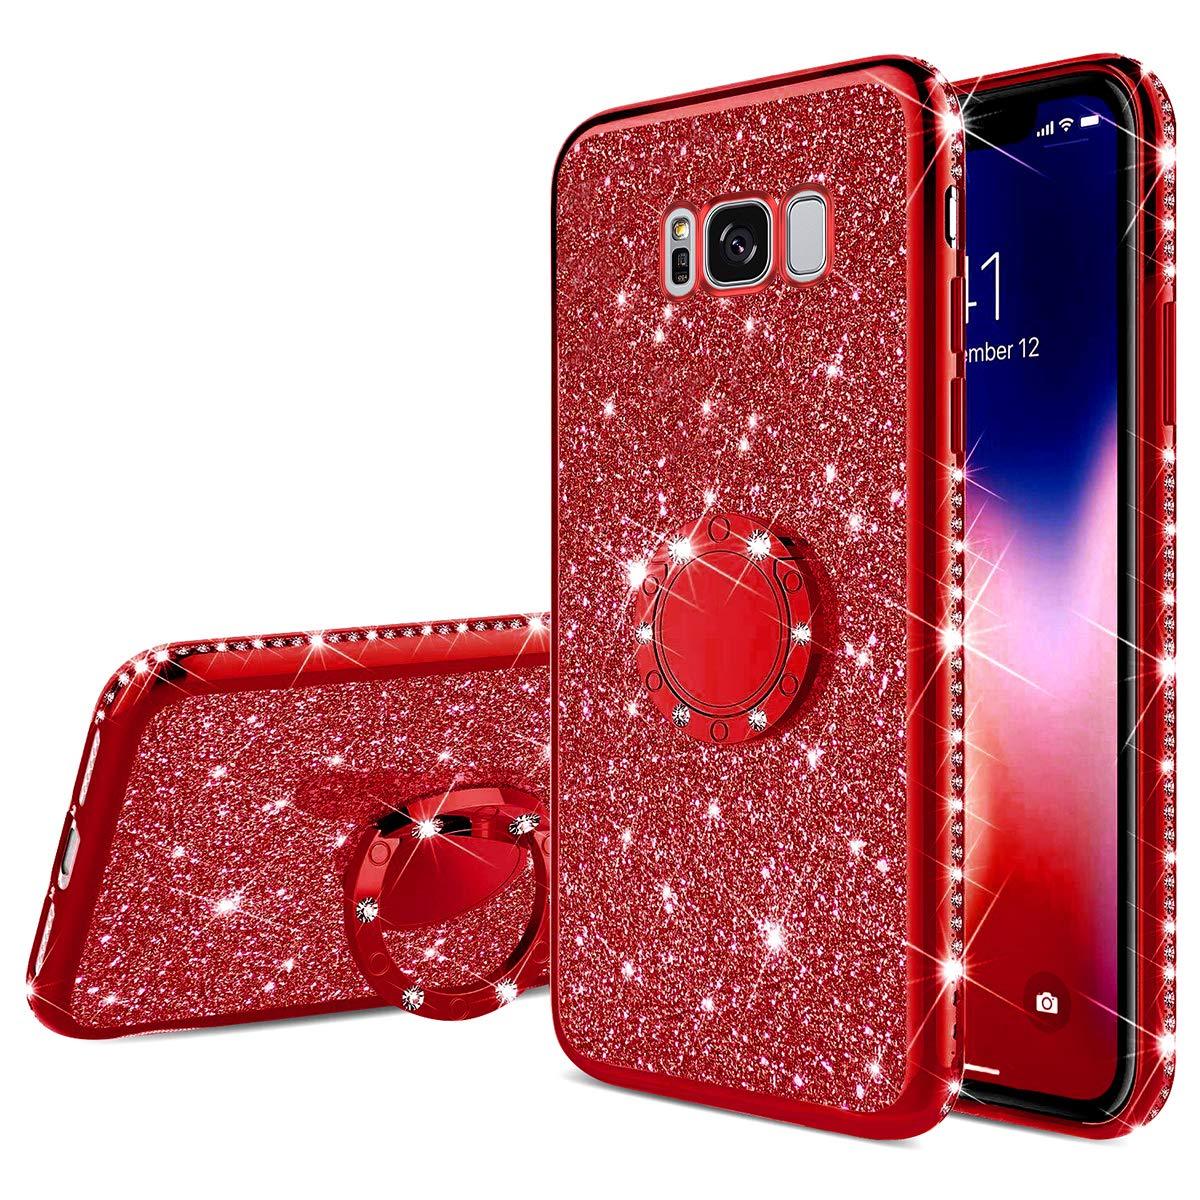 Felfy Kompatibel mit Galaxy S8 H/ülle Glitzer Gl/änzend Luxus Strass Handyh/ülle mit 360 Grad Ring St/änder Halter Diamant Schutzh/ülle Weich Silikon TPU Bumper Case Cover f/ür M/ädchen,Schwarz